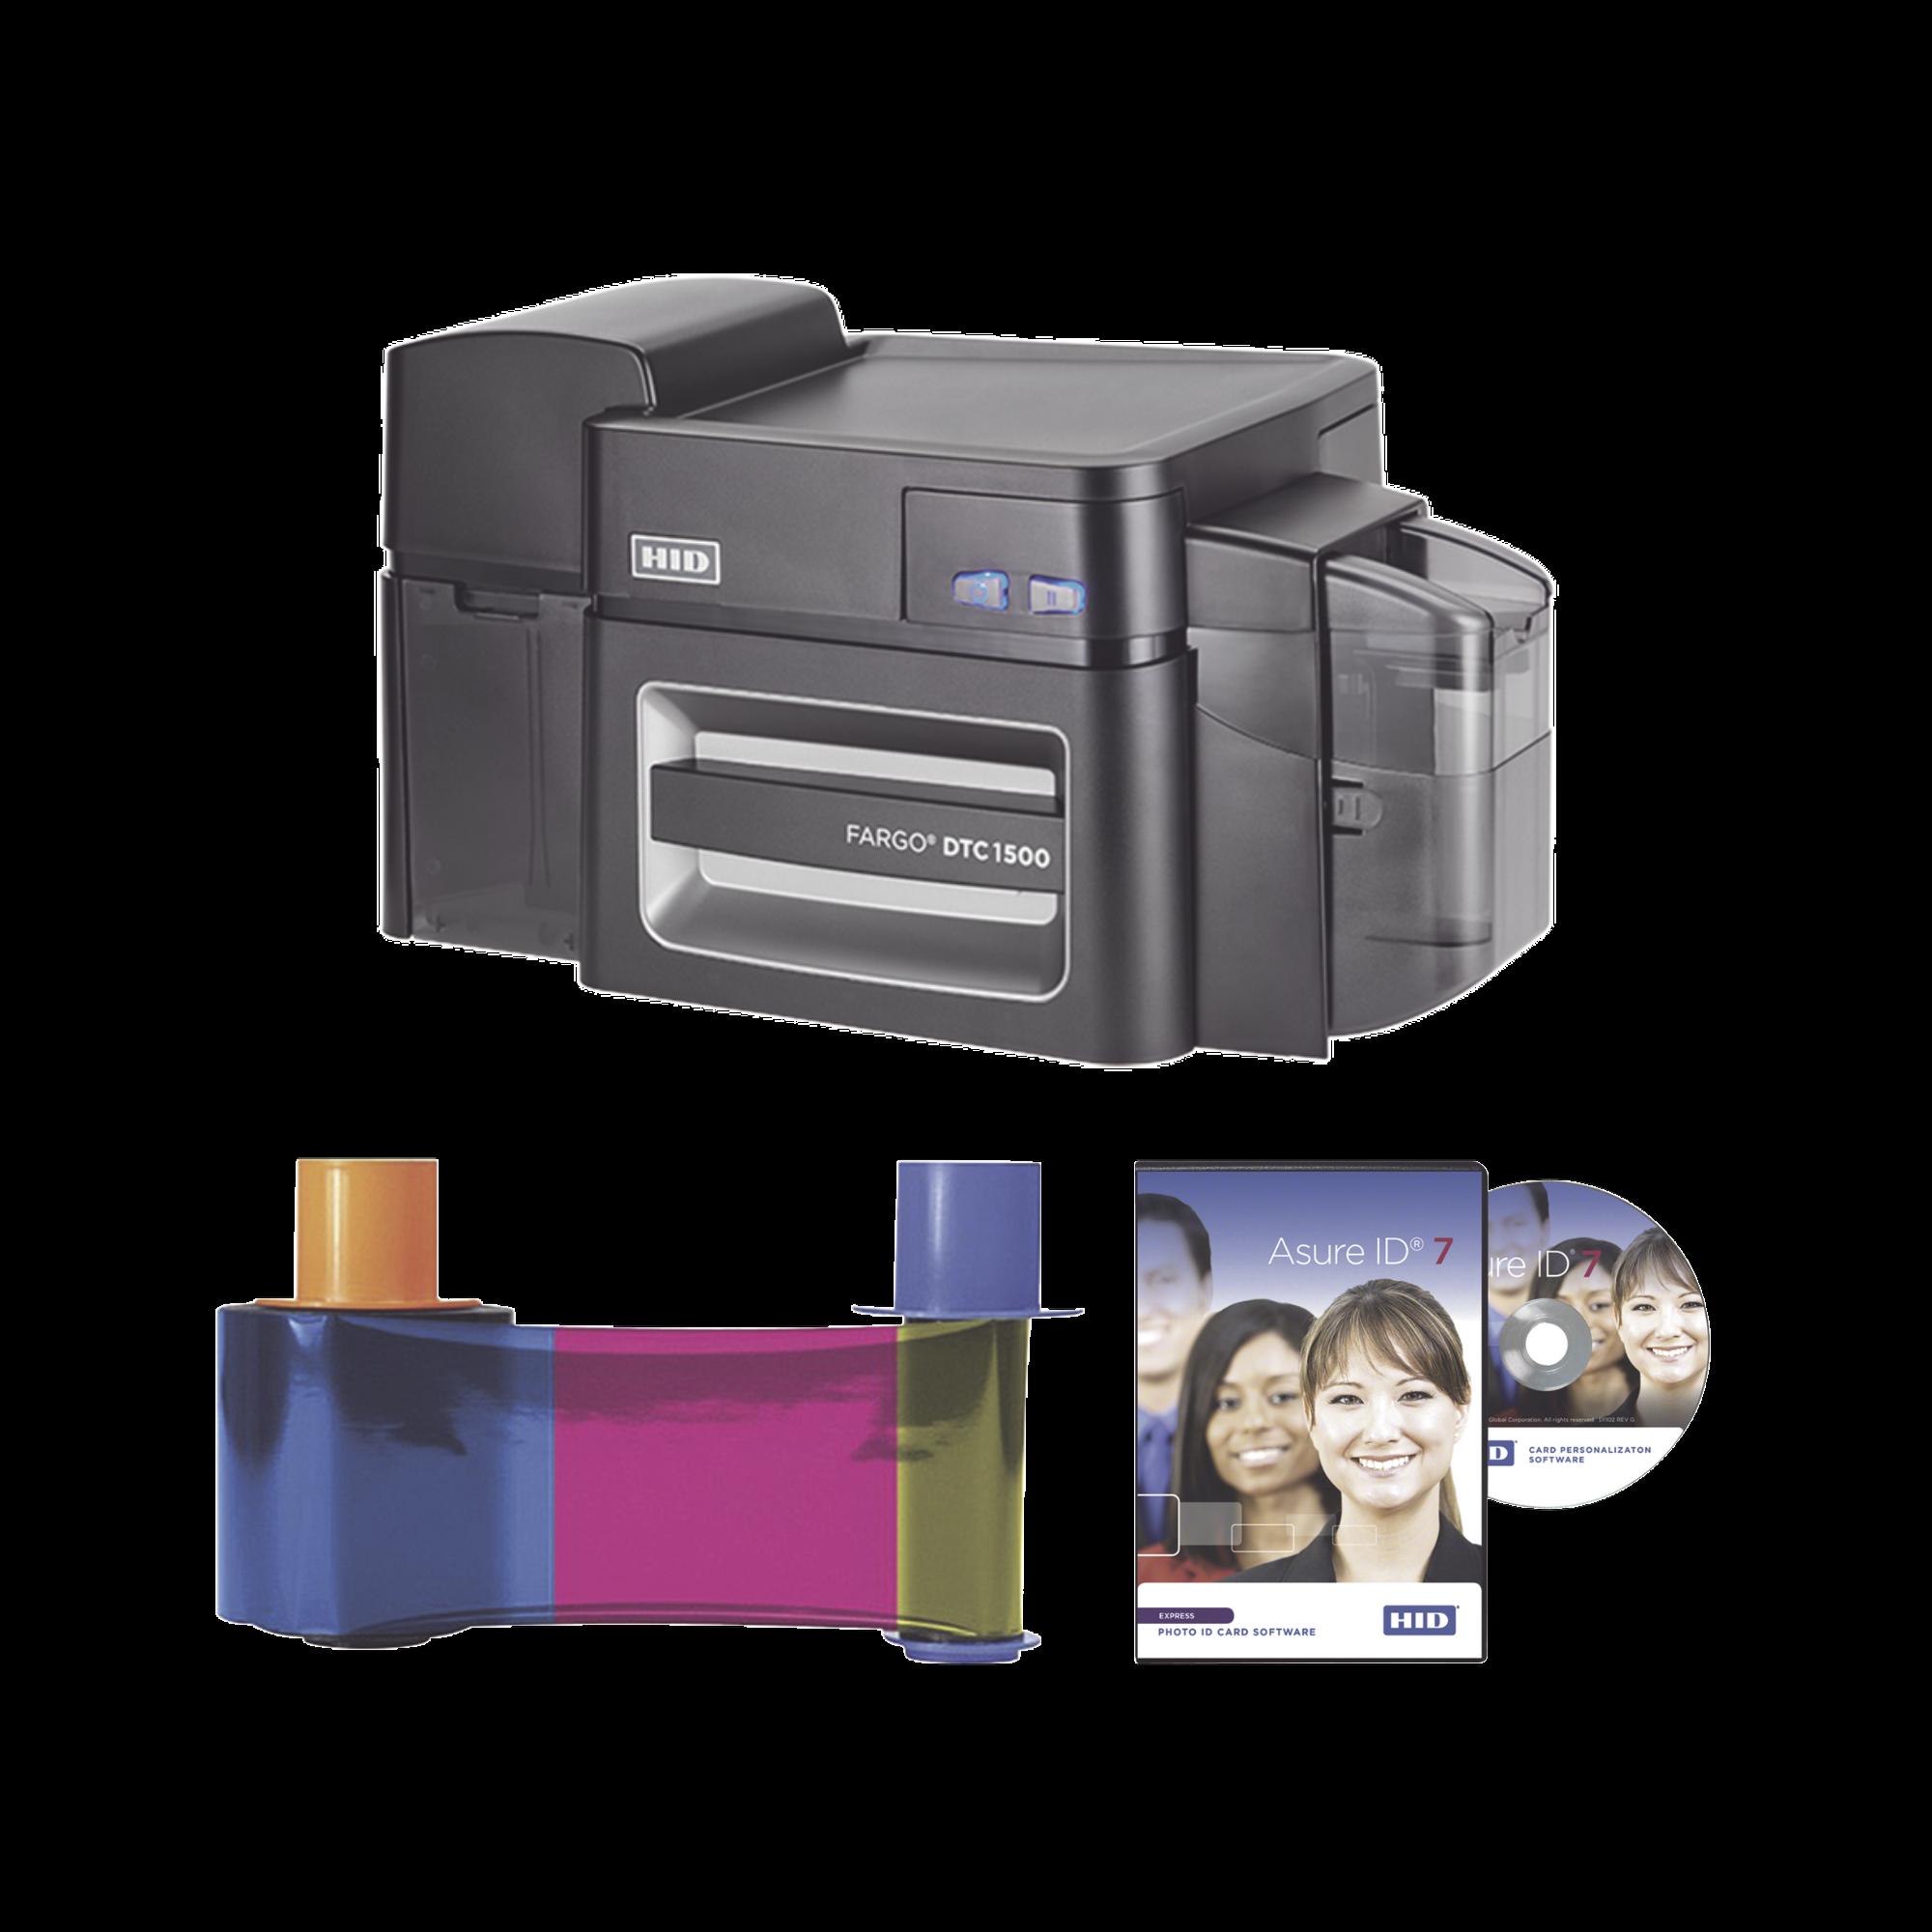 Kit de Impresora Profesional de Doble Cara DTC1500/ Borrado información/ Marca de Agua/ Incluye Ribbon y Software